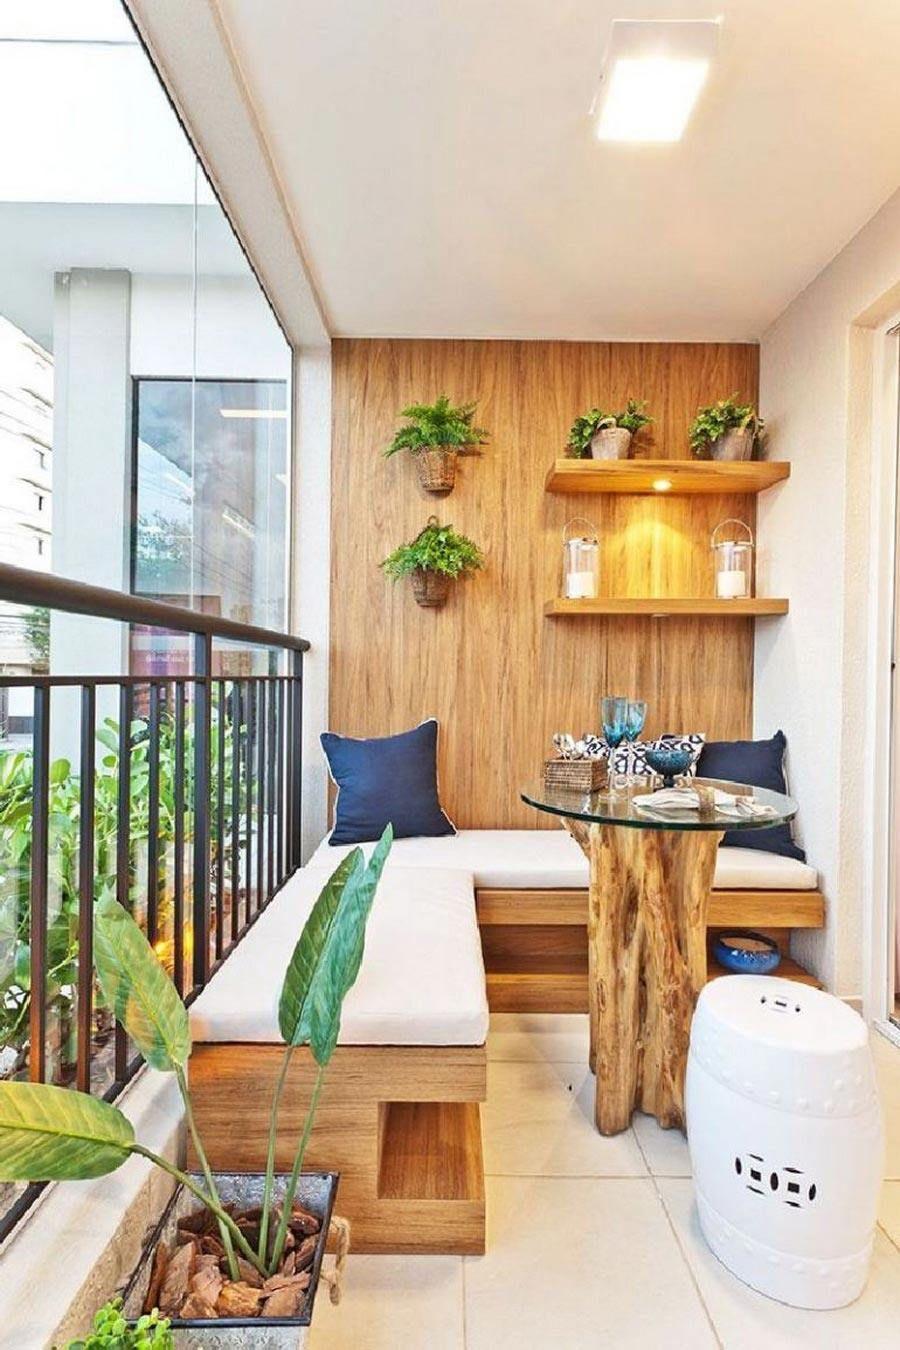 Loggia und balkongestaltung 100 ideen zur raumgestaltung balkongestaltung pinterest - Ideen zur balkongestaltung ...